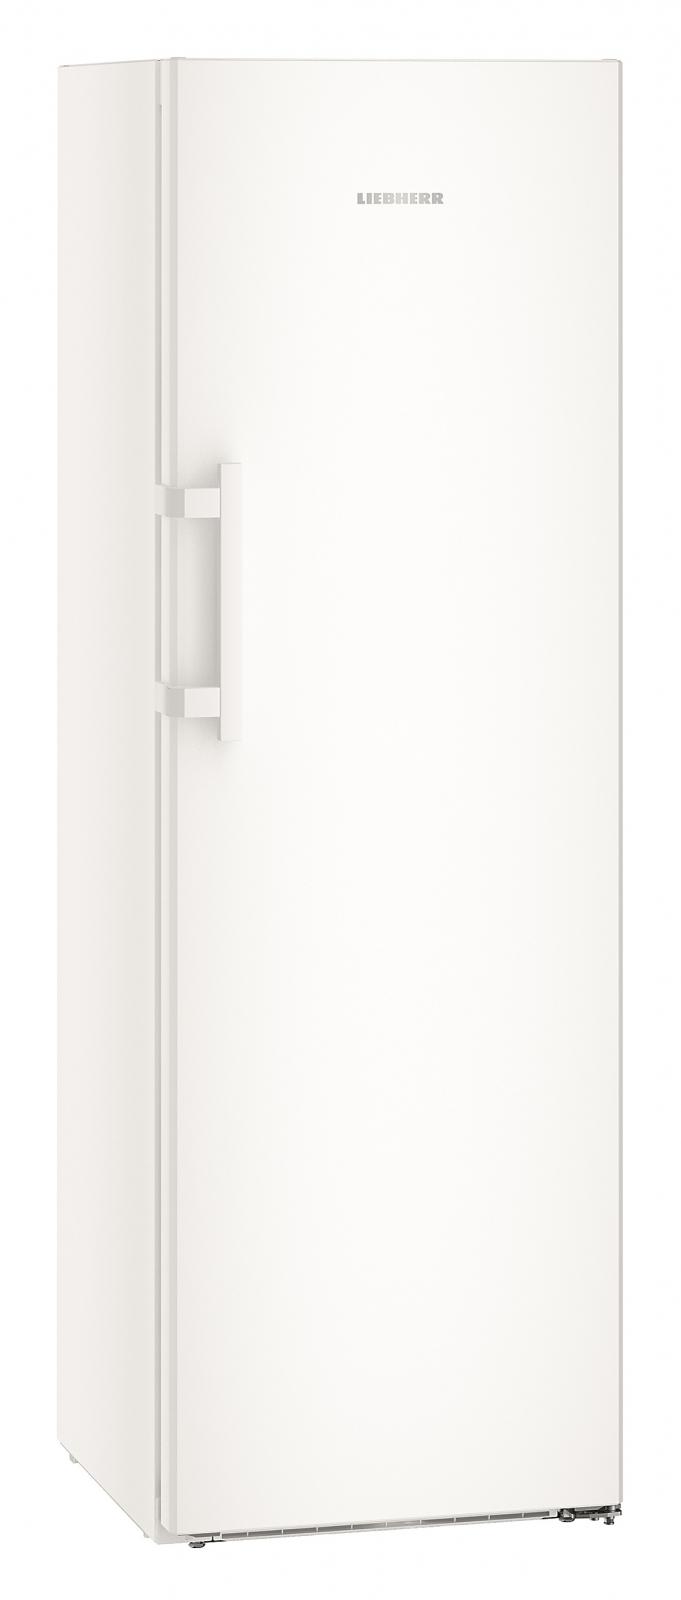 купить Однокамерный холодильник Liebherr KB 4310 Украина фото 1